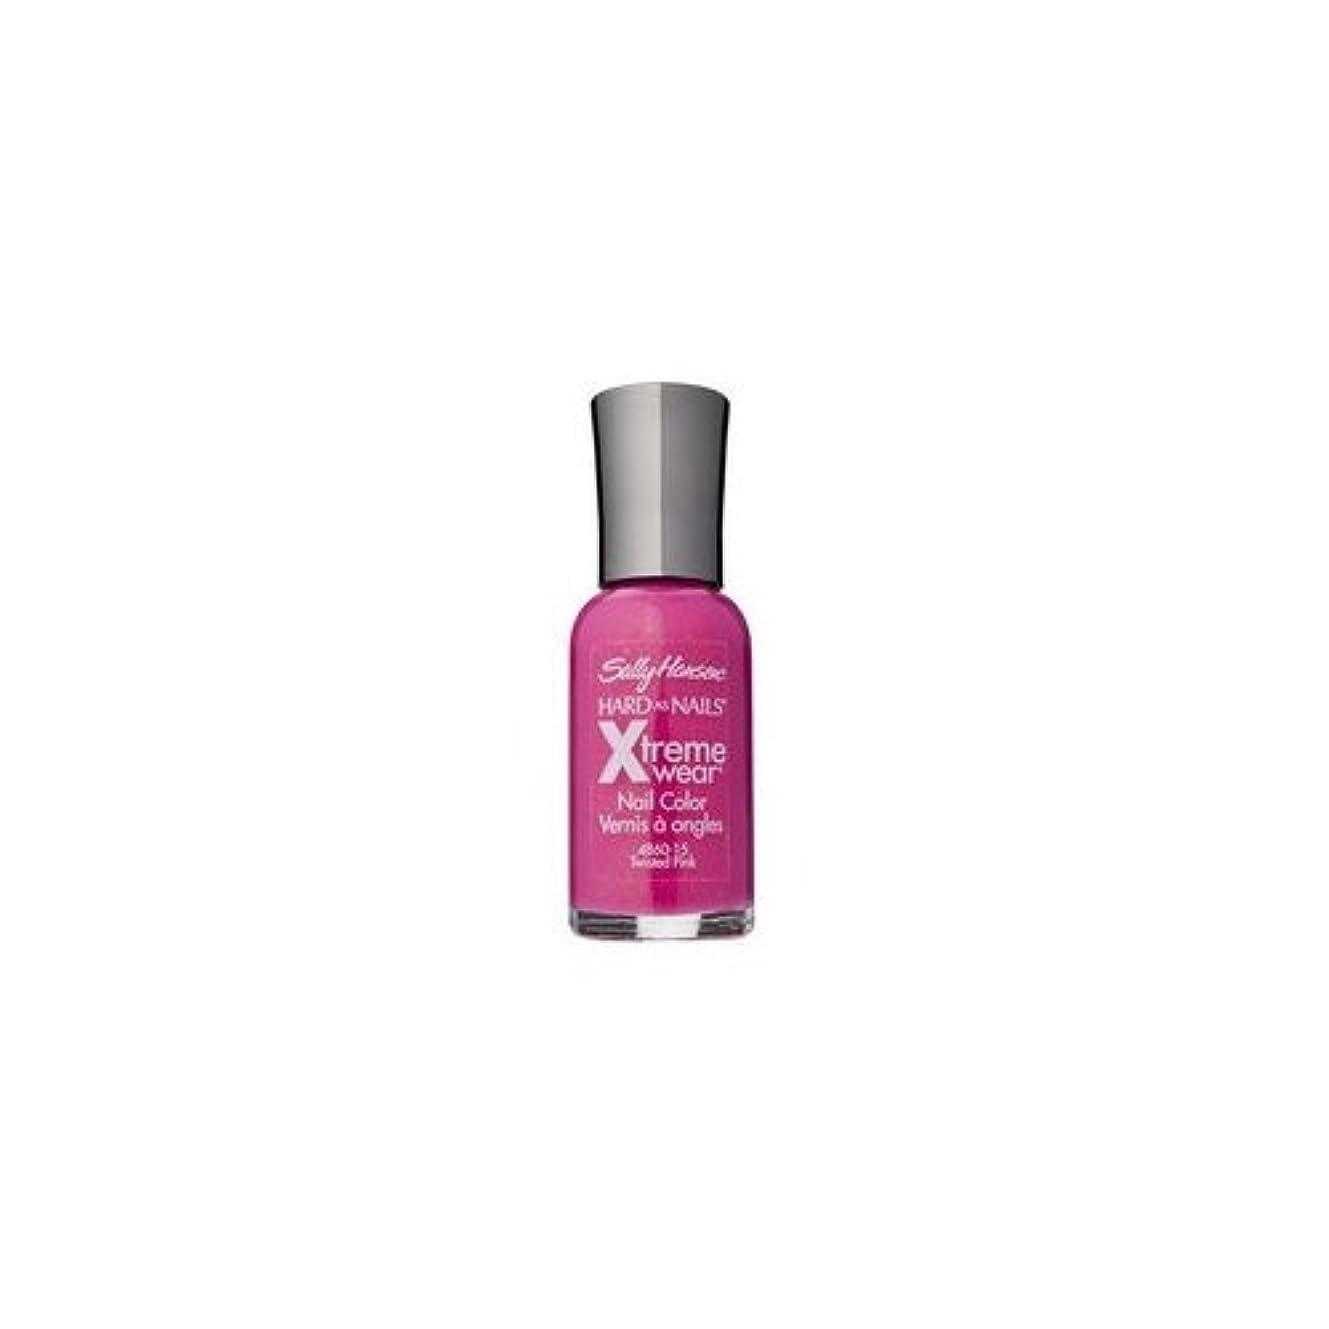 衝撃サラダ洪水(3 Pack) SALLY HANSEN Hard As Nails Xtreme Wear - Twisted Pink (並行輸入品)